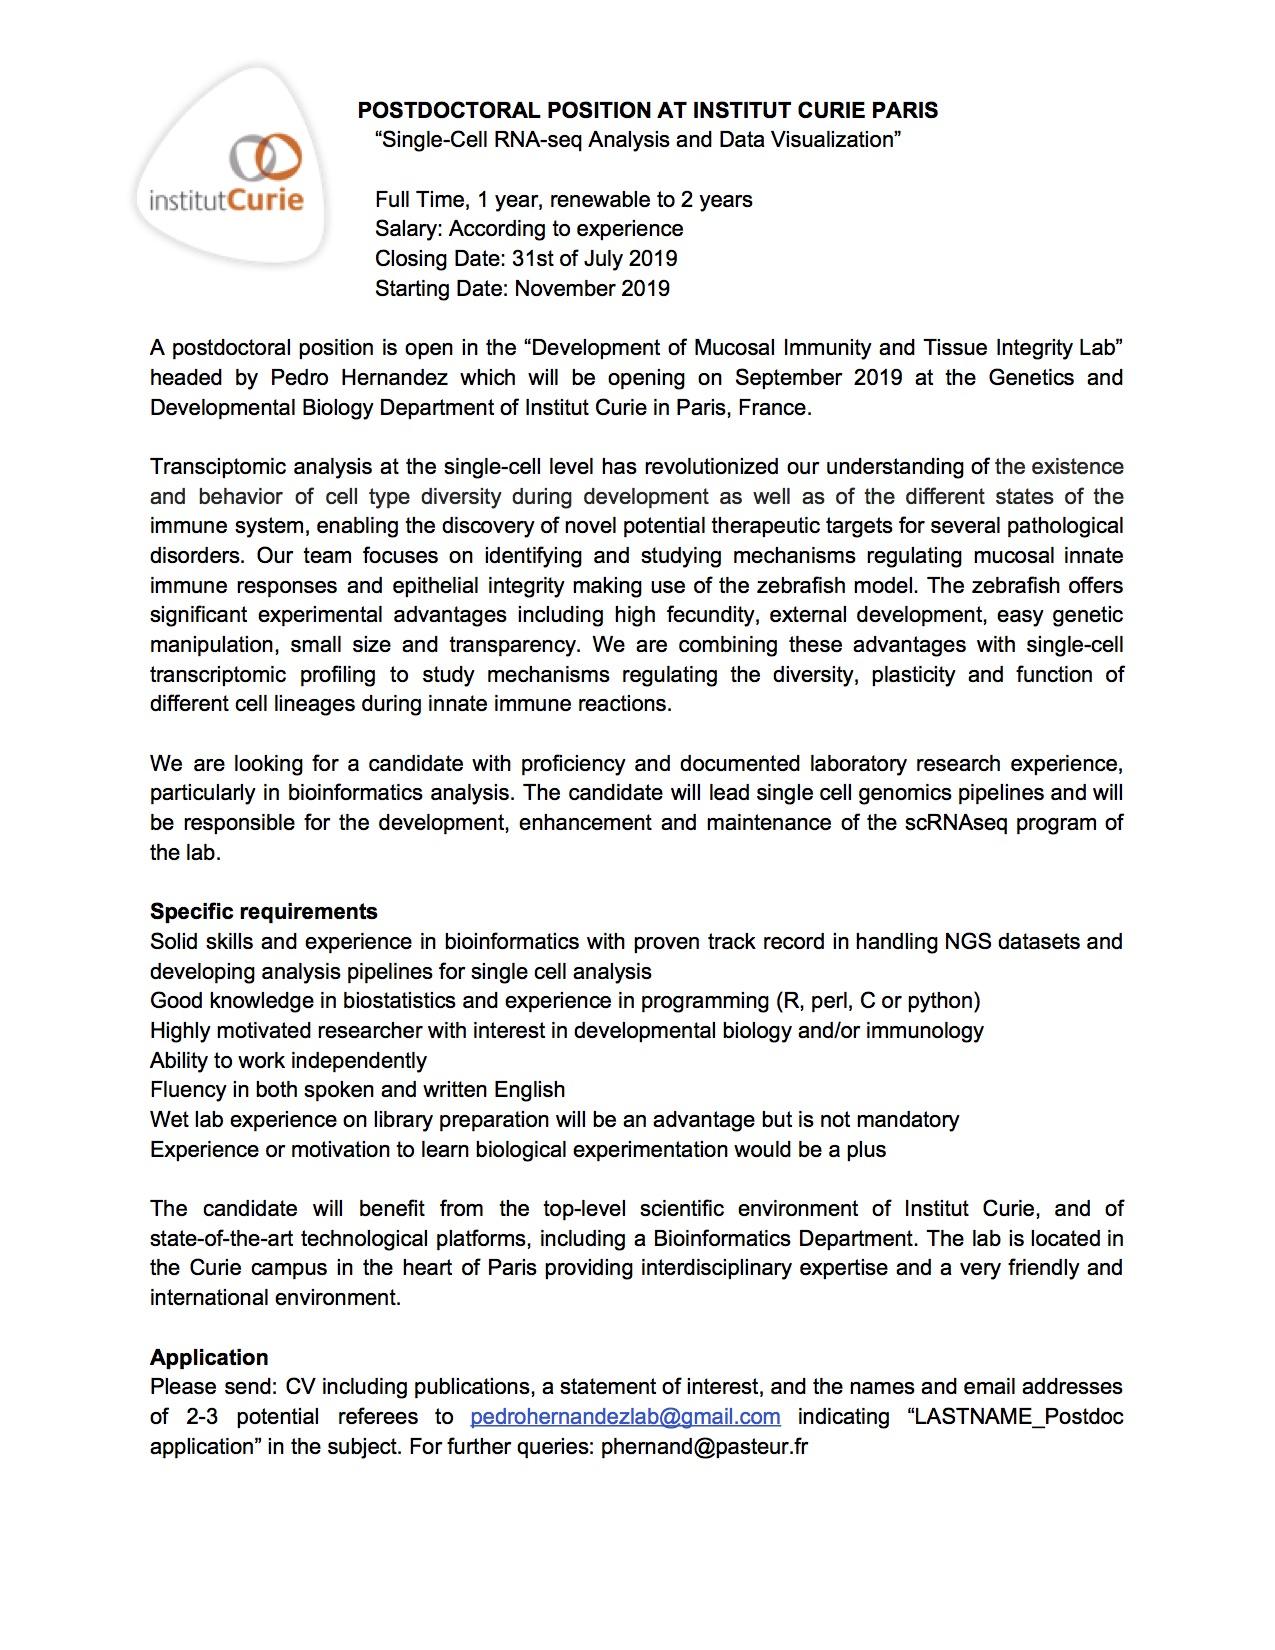 Postdoctoral Fellow Institut Curie graphic